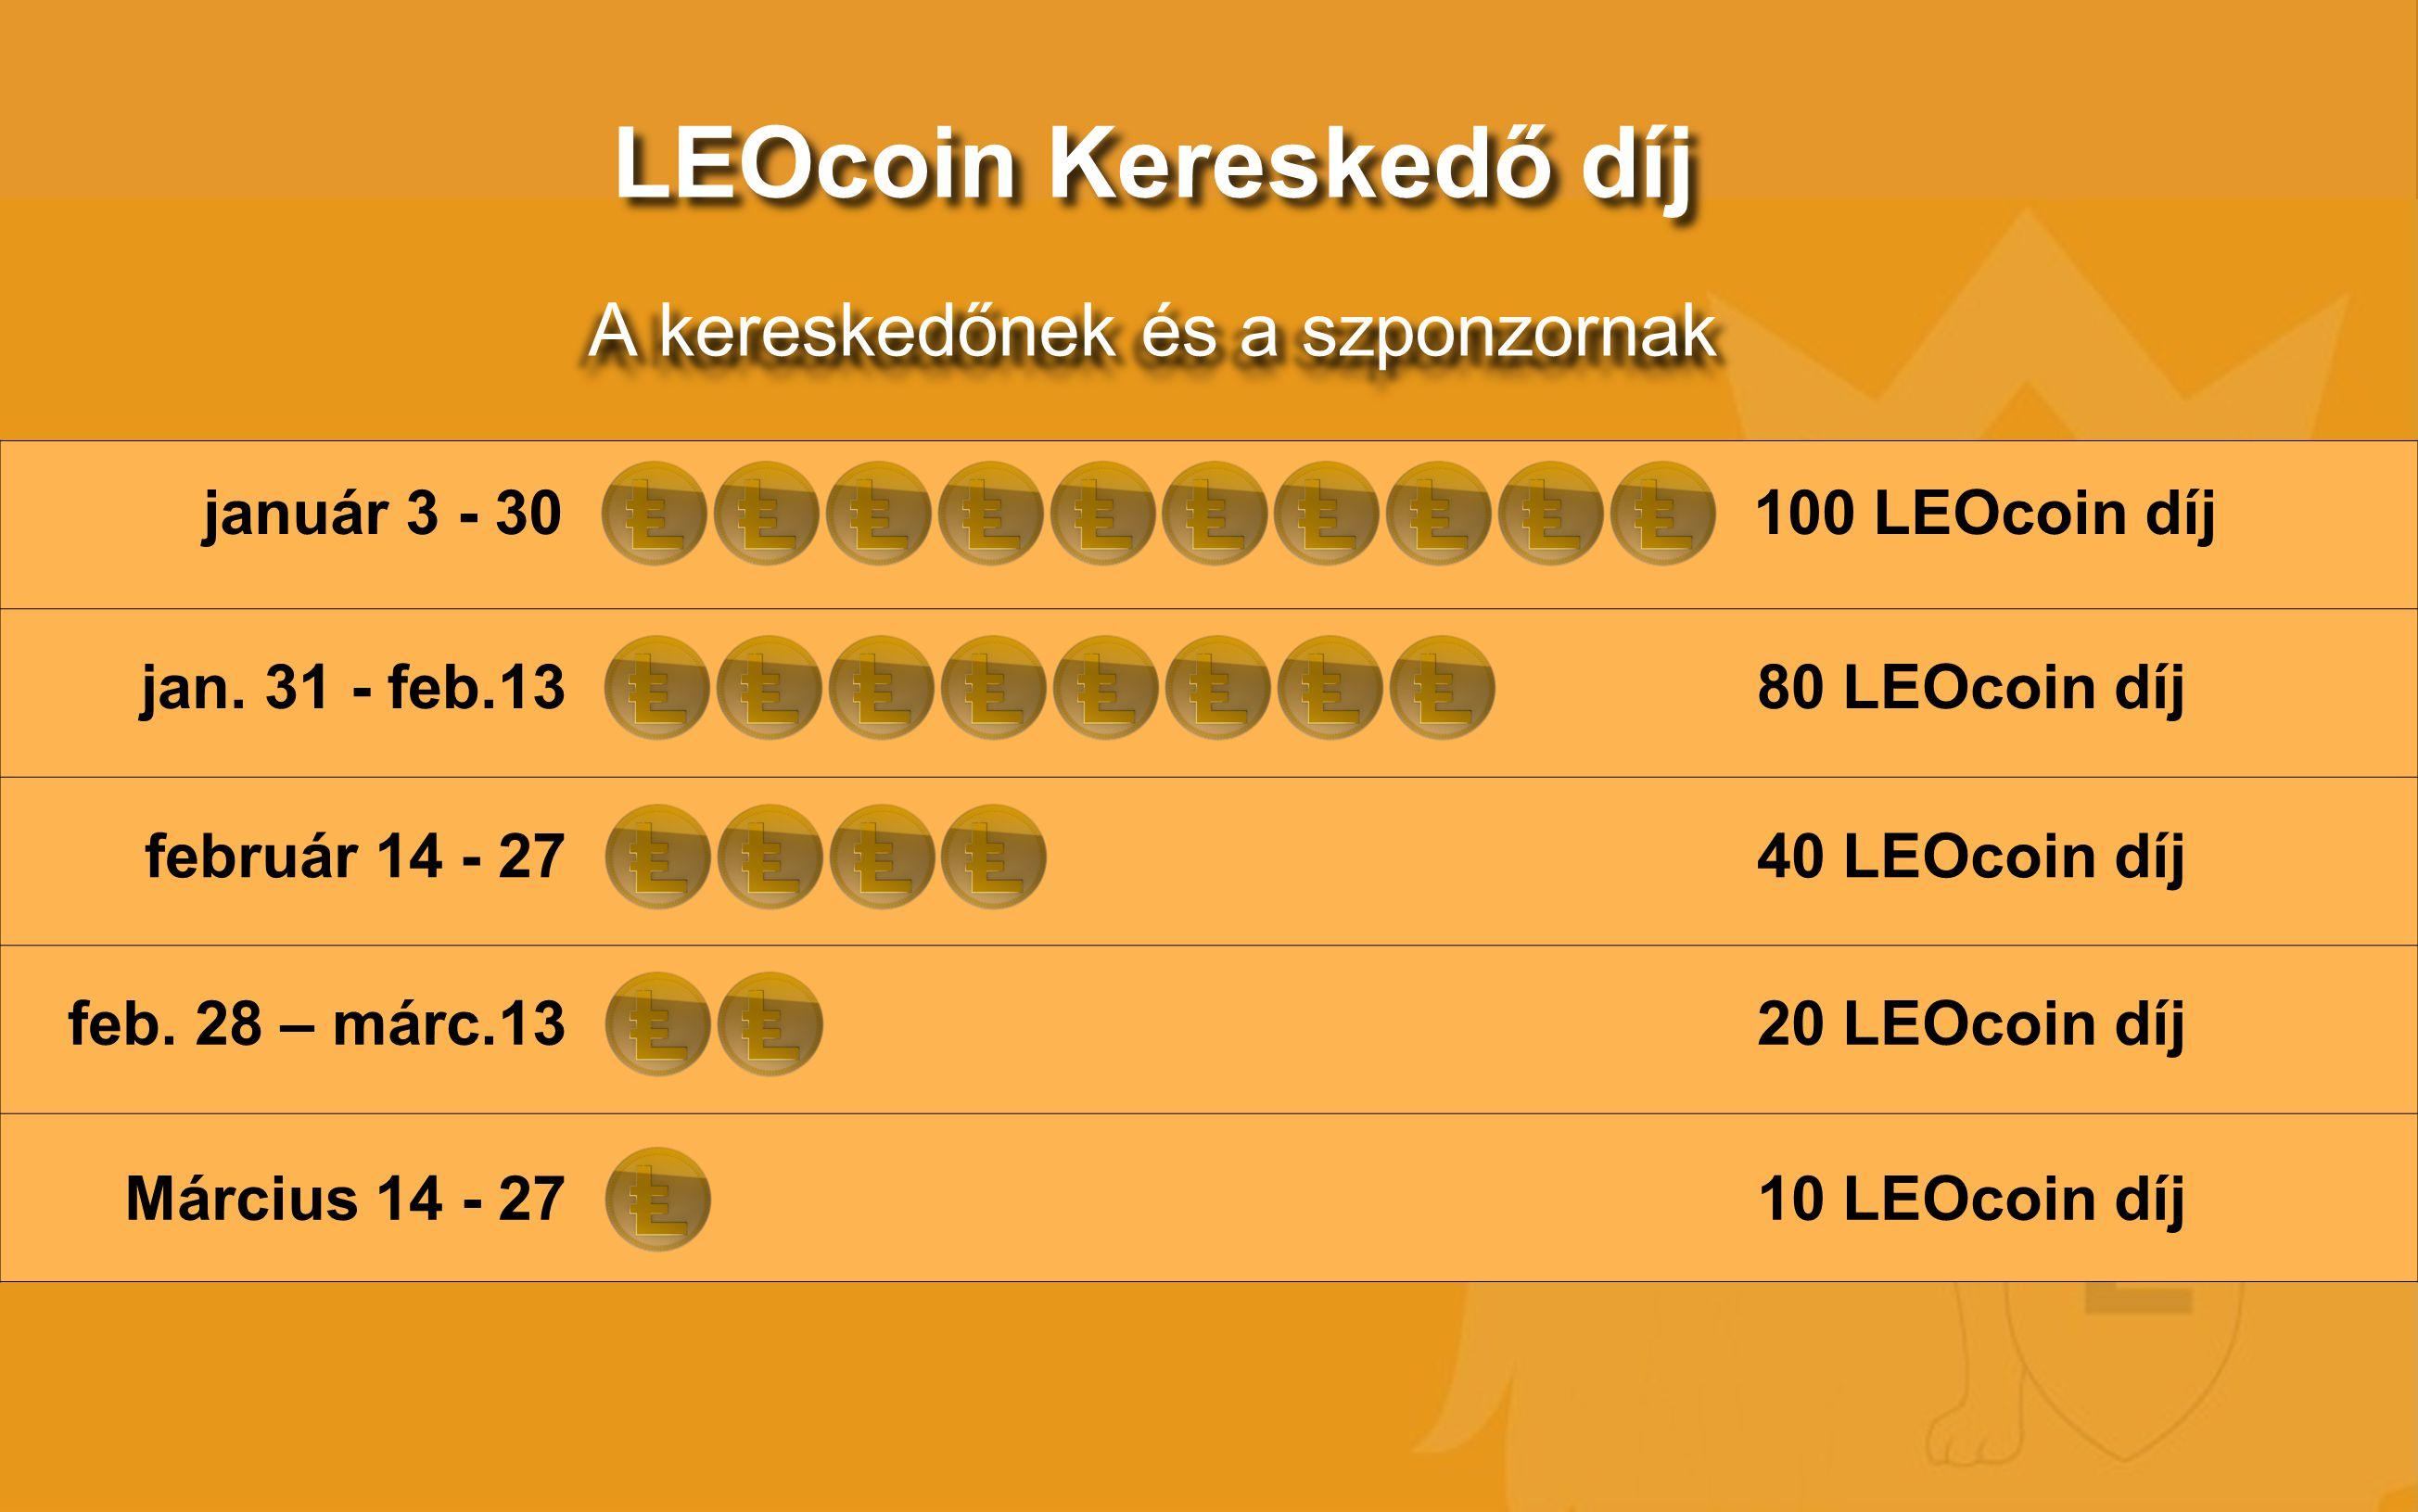 LEOcoin Kereskedő díj A kereskedőnek és a szponzornak LEOcoin Kereskedő díj A kereskedőnek és a szponzornak január 3 - 30100 LEOcoin díj jan.